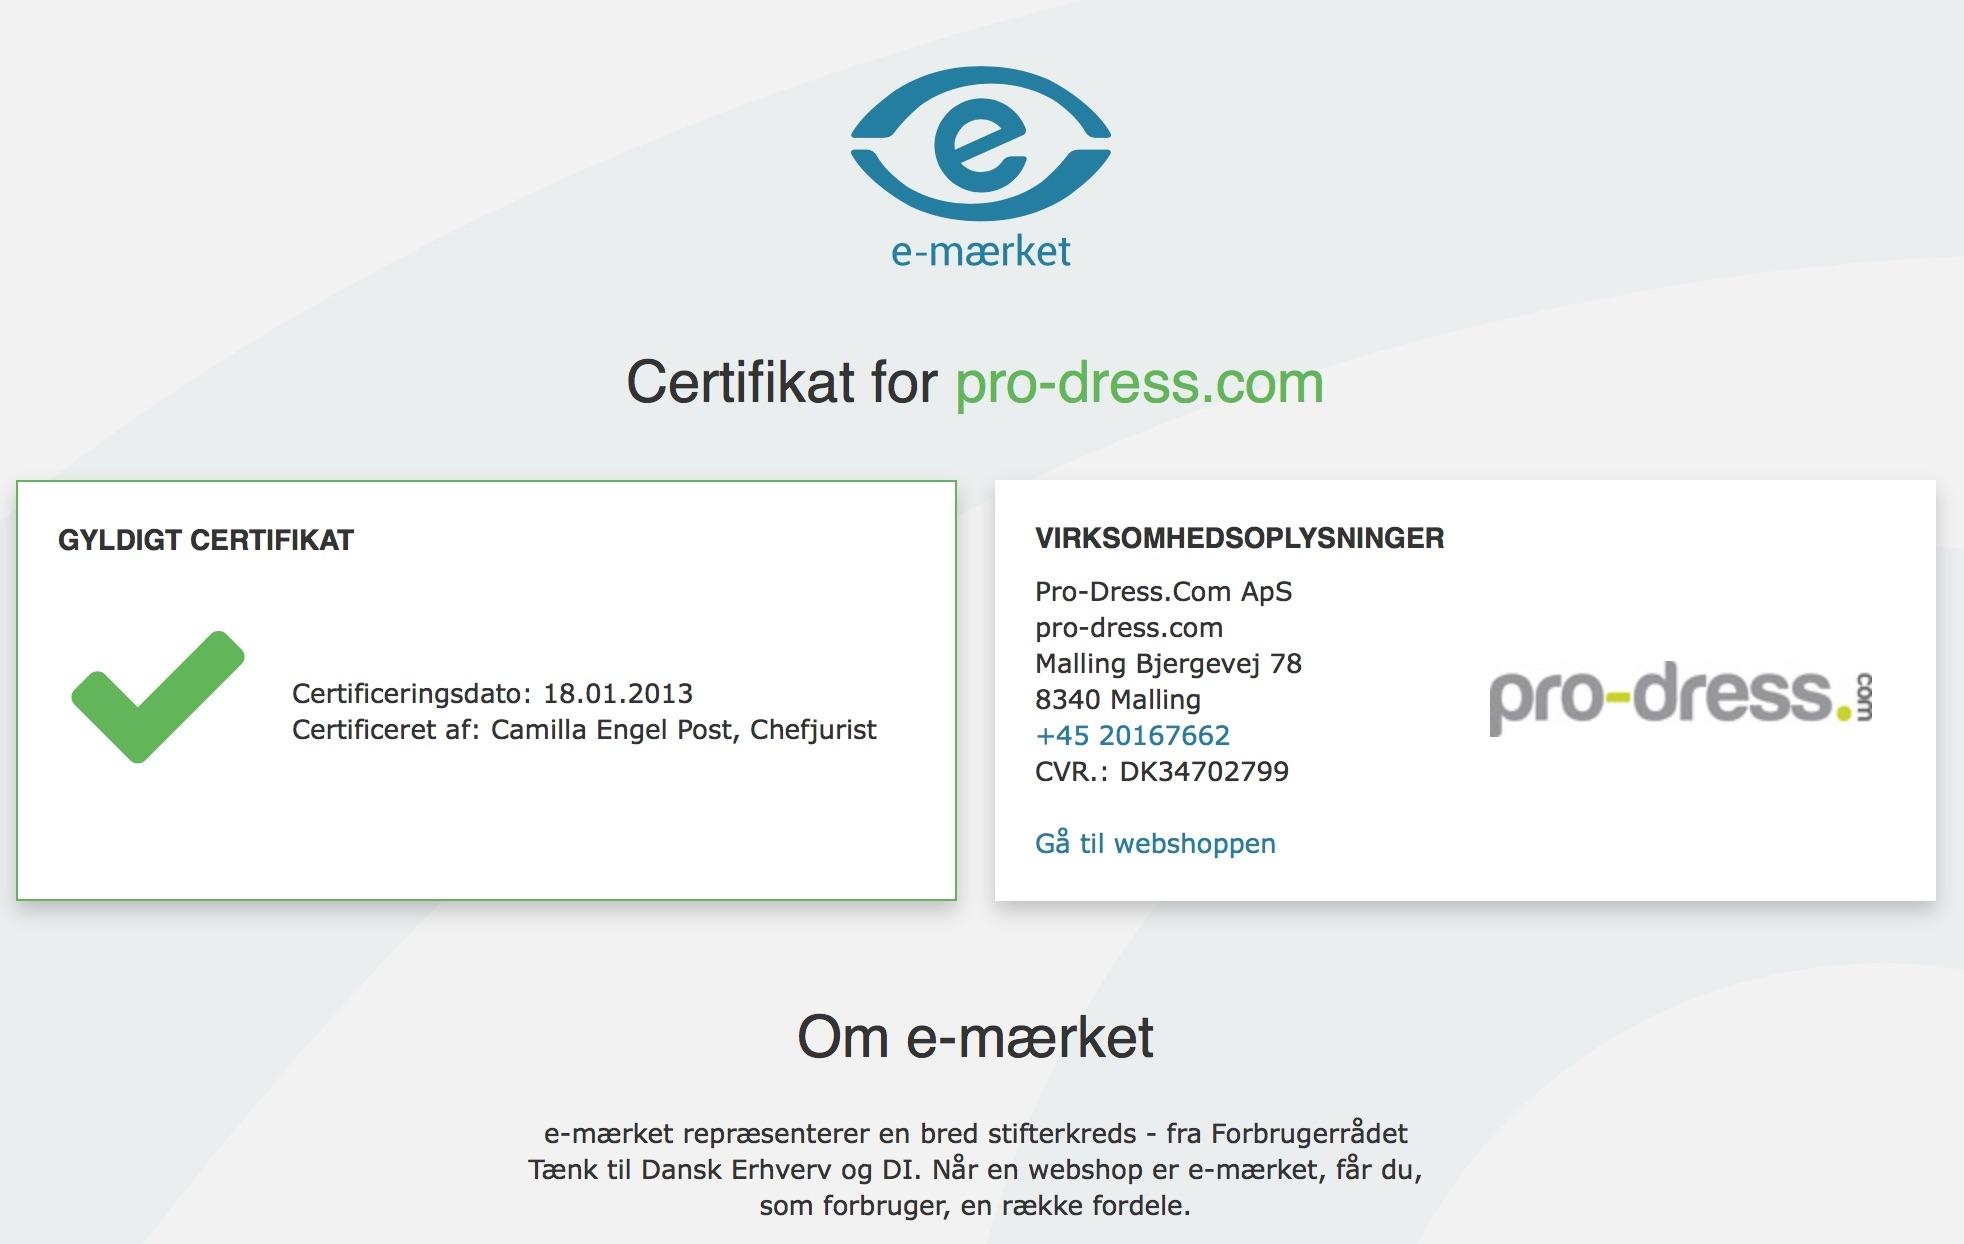 e-mærket certifikat